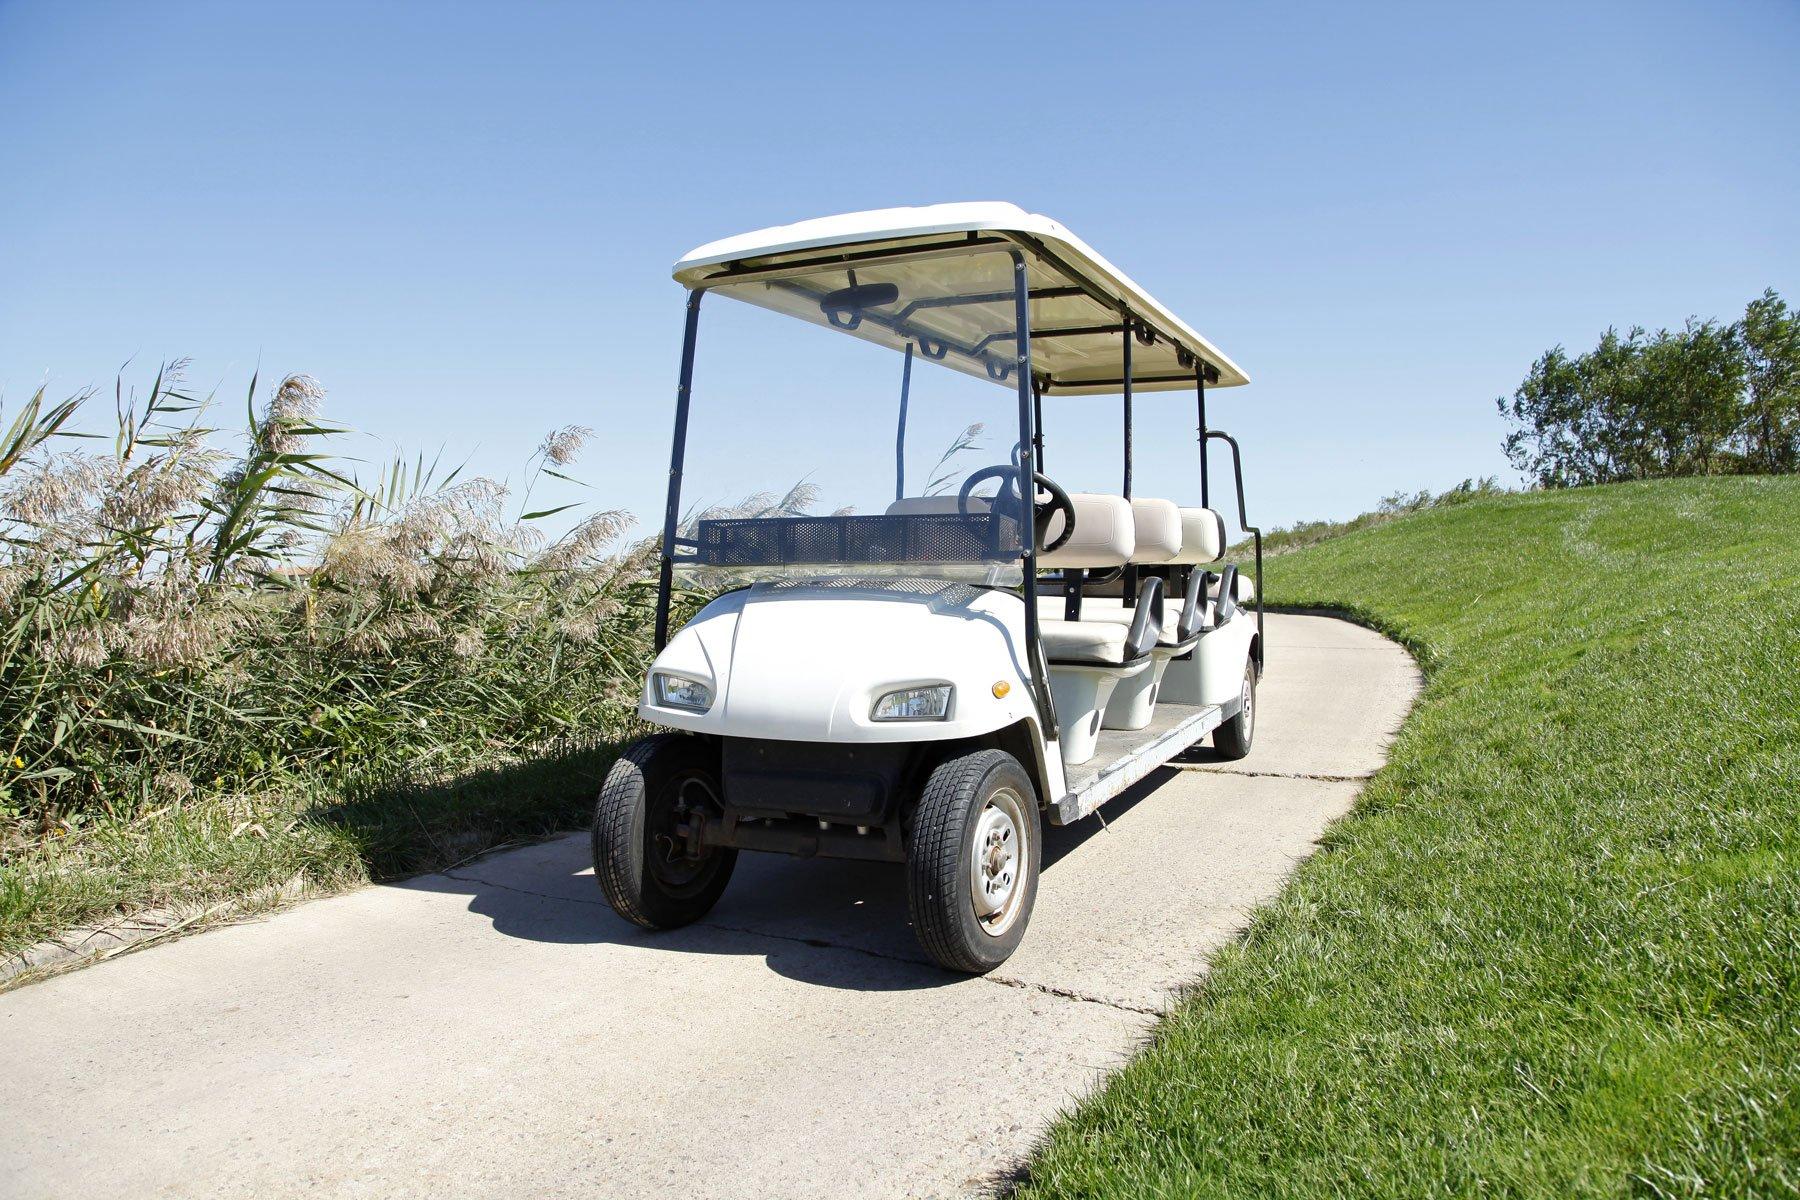 una golf cart bianca e vicino del prato con delle piante